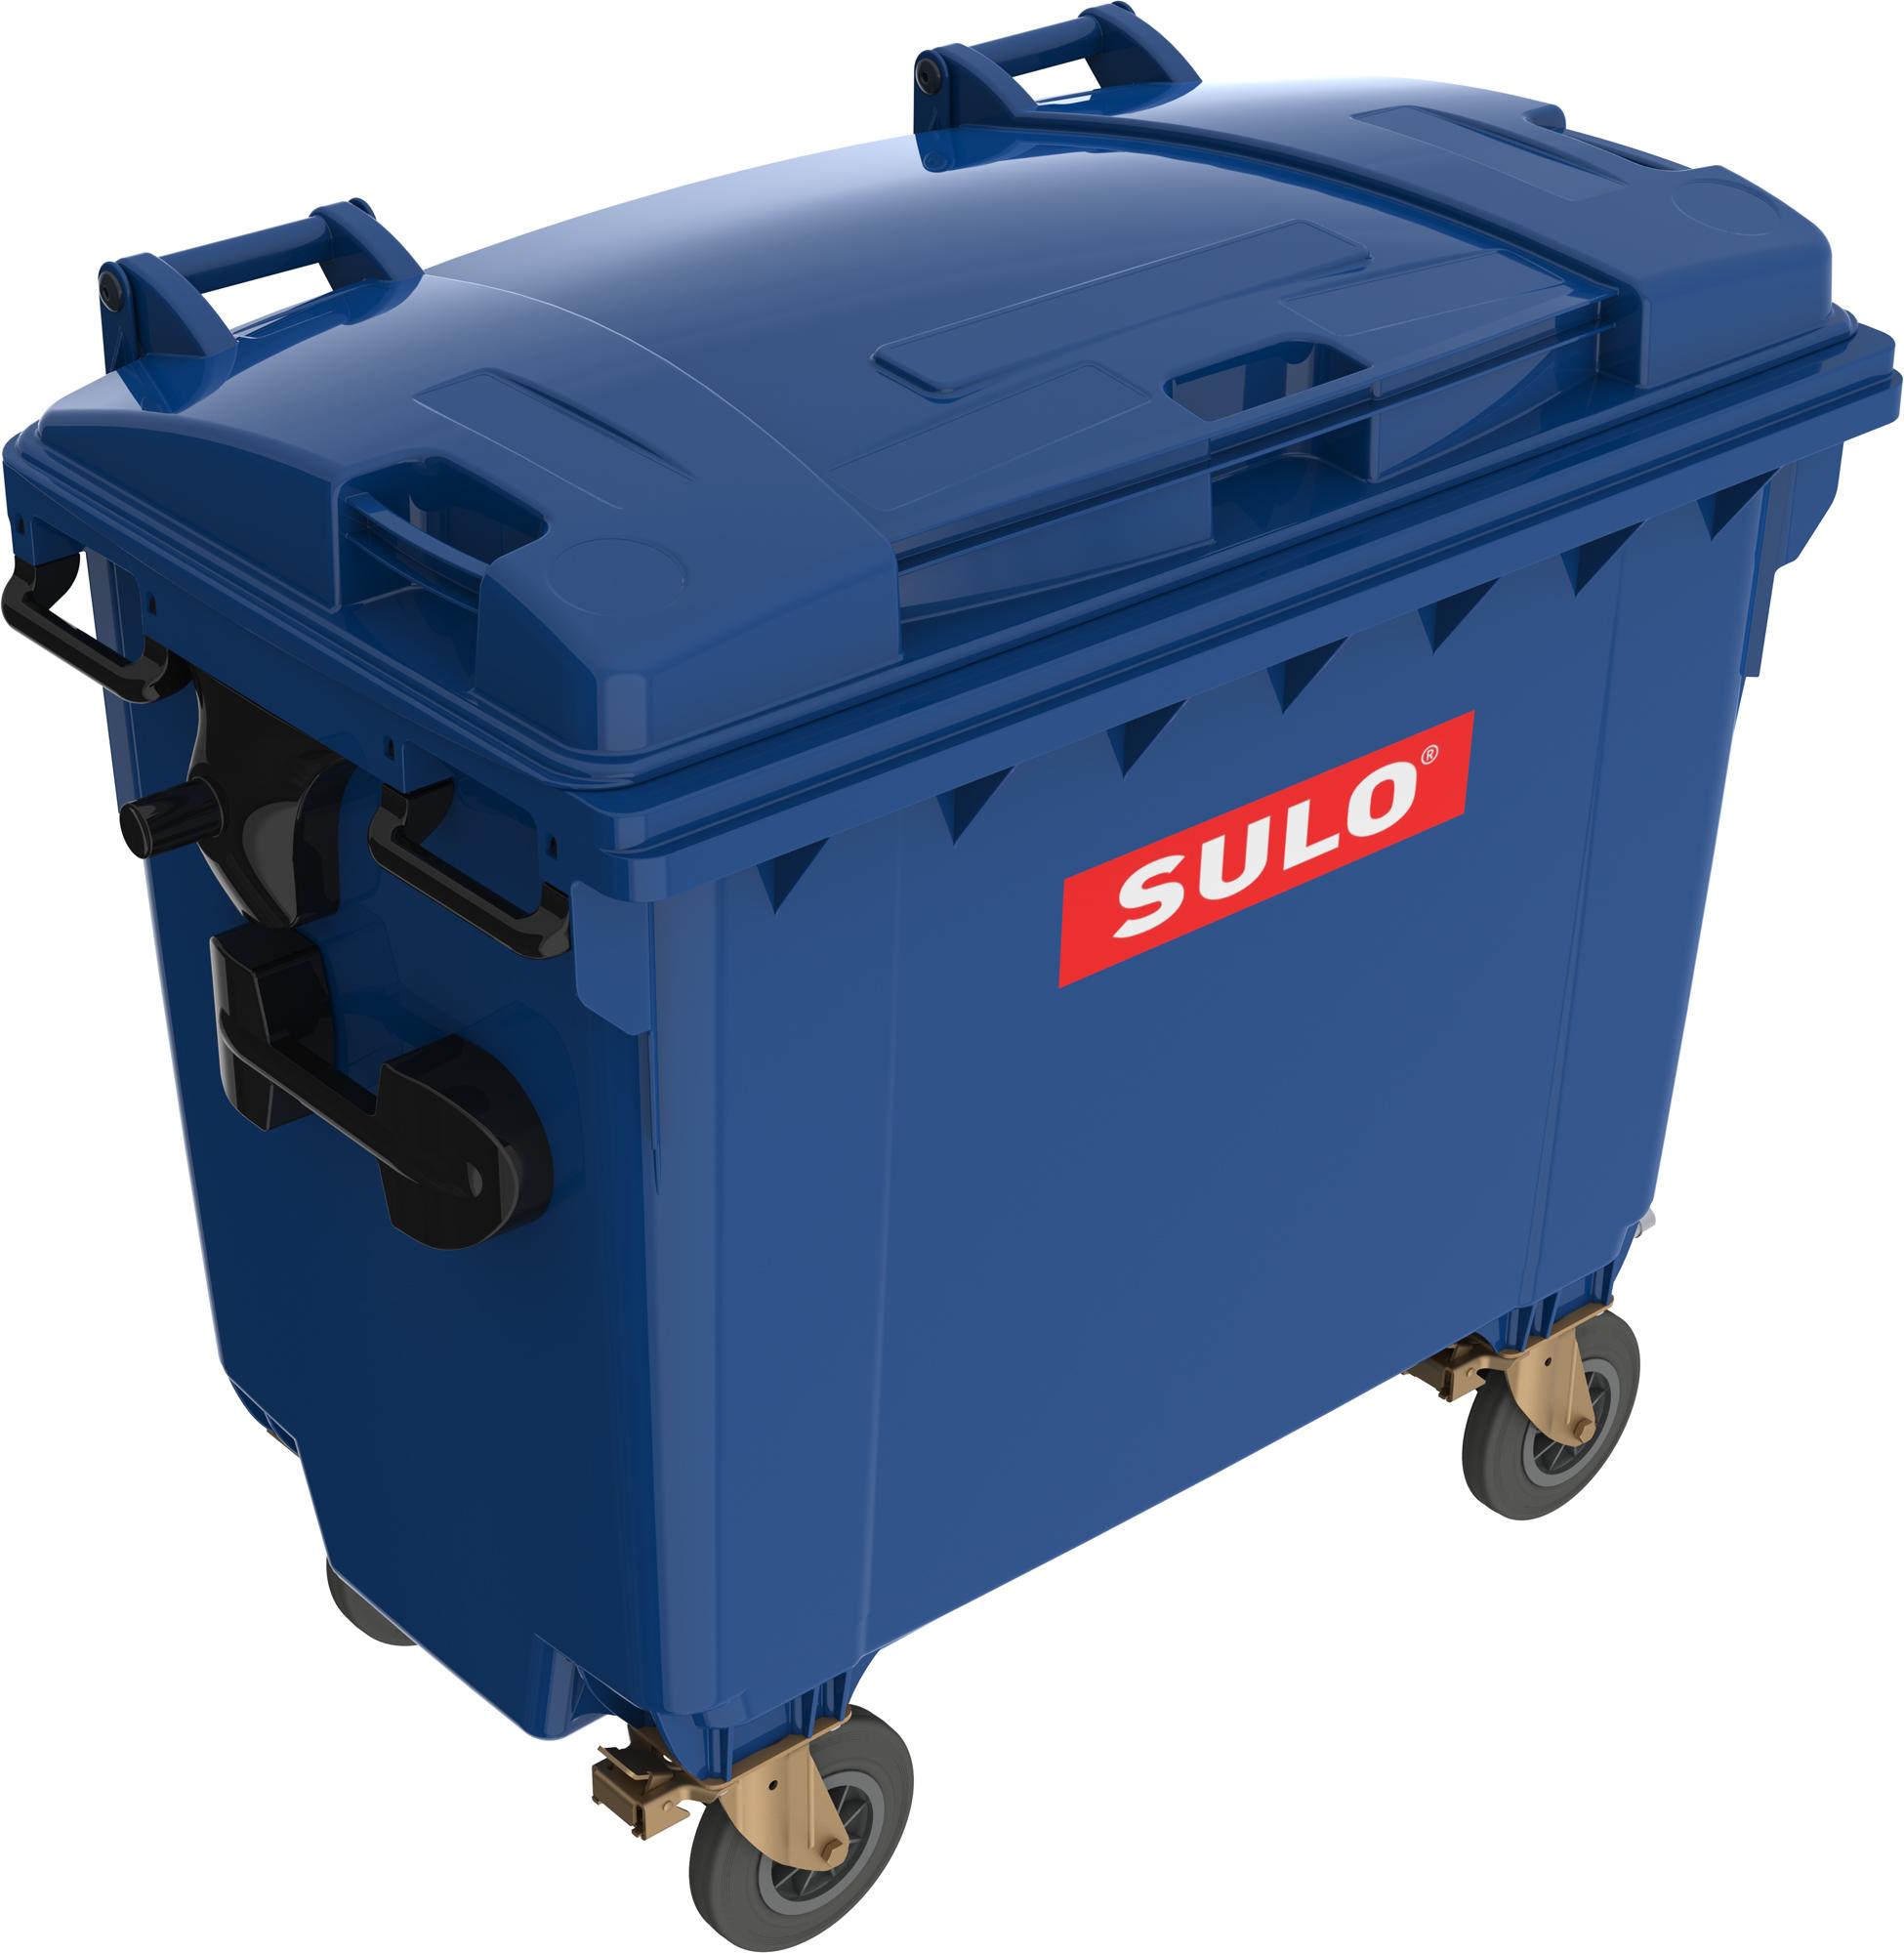 Eurocontainer Din Material Plastic 660 L Albastru Cu Capac Plat Mevatec - Transport Inclus 2021 sanito.ro